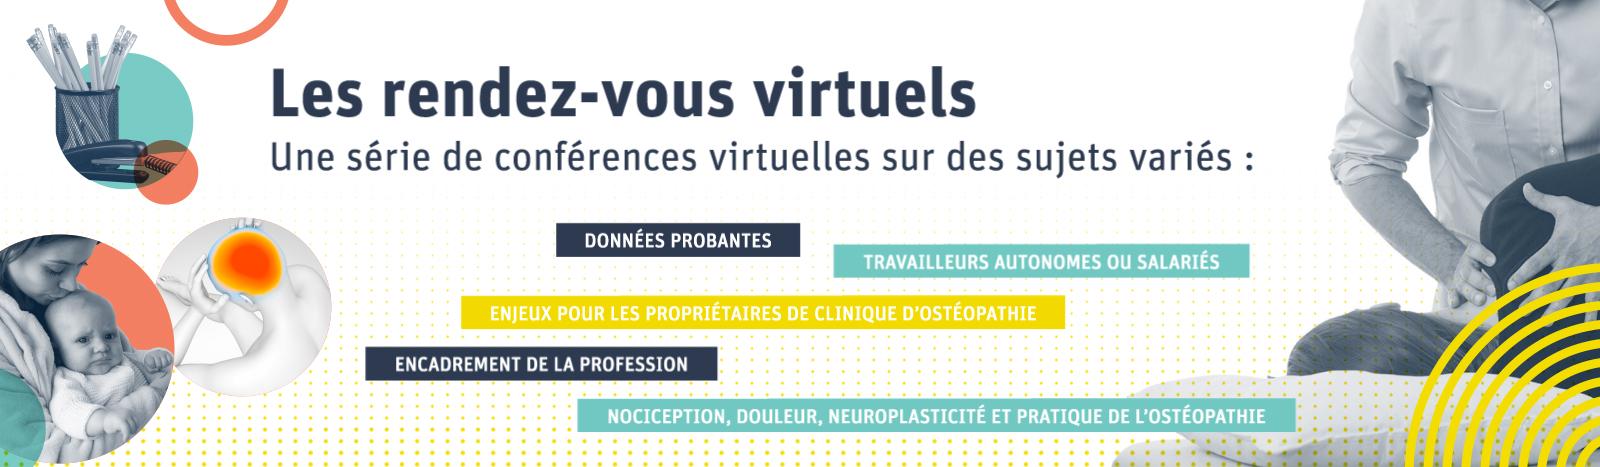 Les rendez-vous virtuels : une série de conférences virtuelles sur des sujets variés